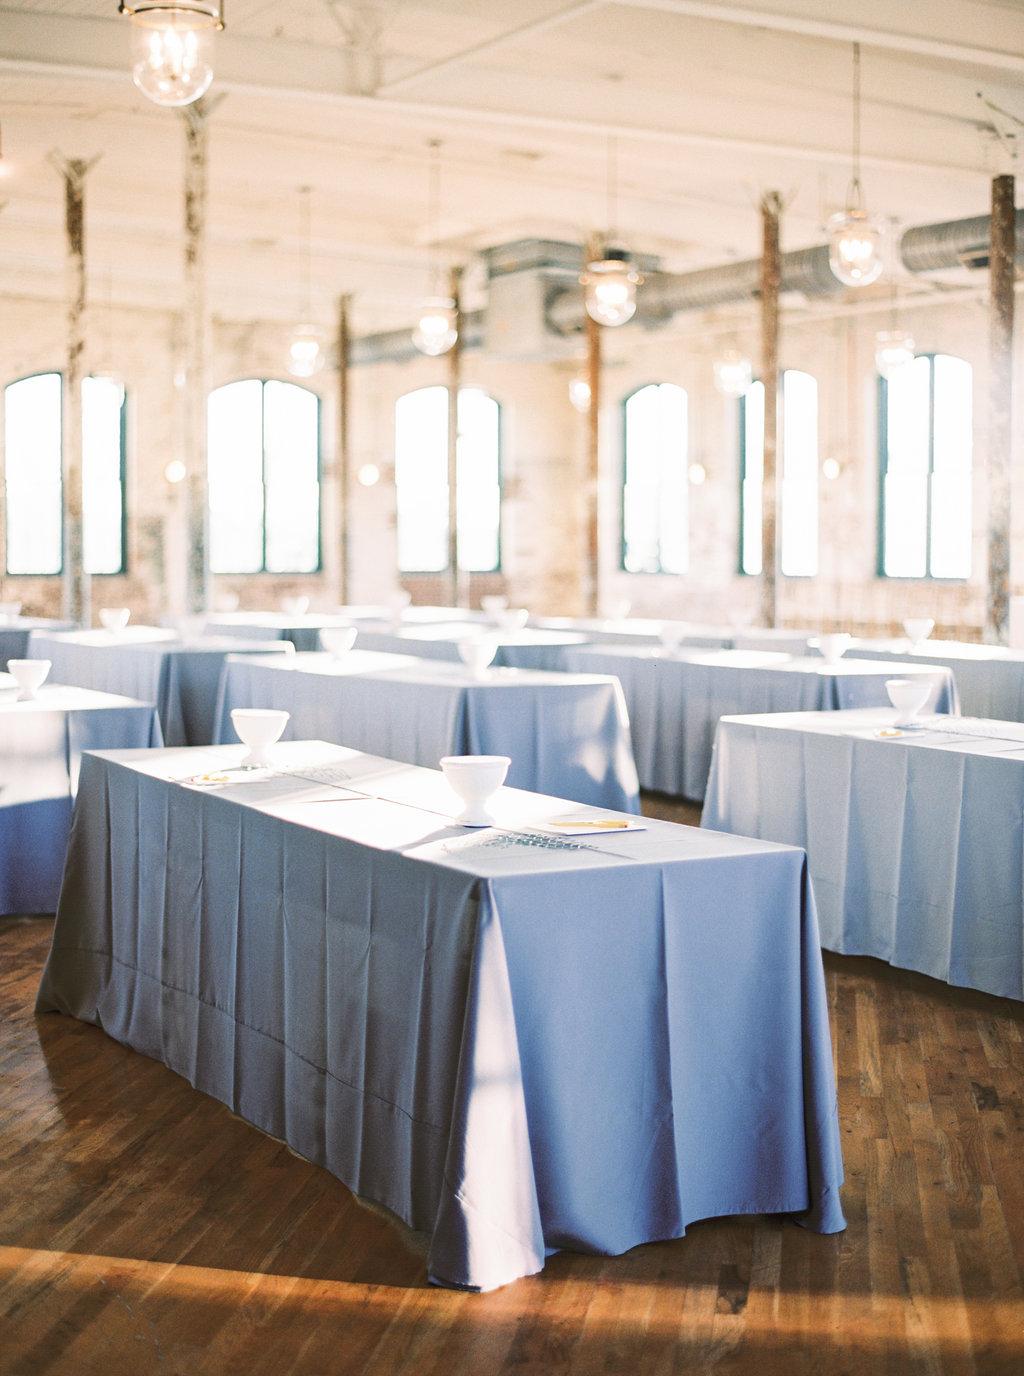 Charleston Wedding Week 2017: Flower Power with Gathering Floral + Event Design & Charleston Stems - Charleston Wedding Week